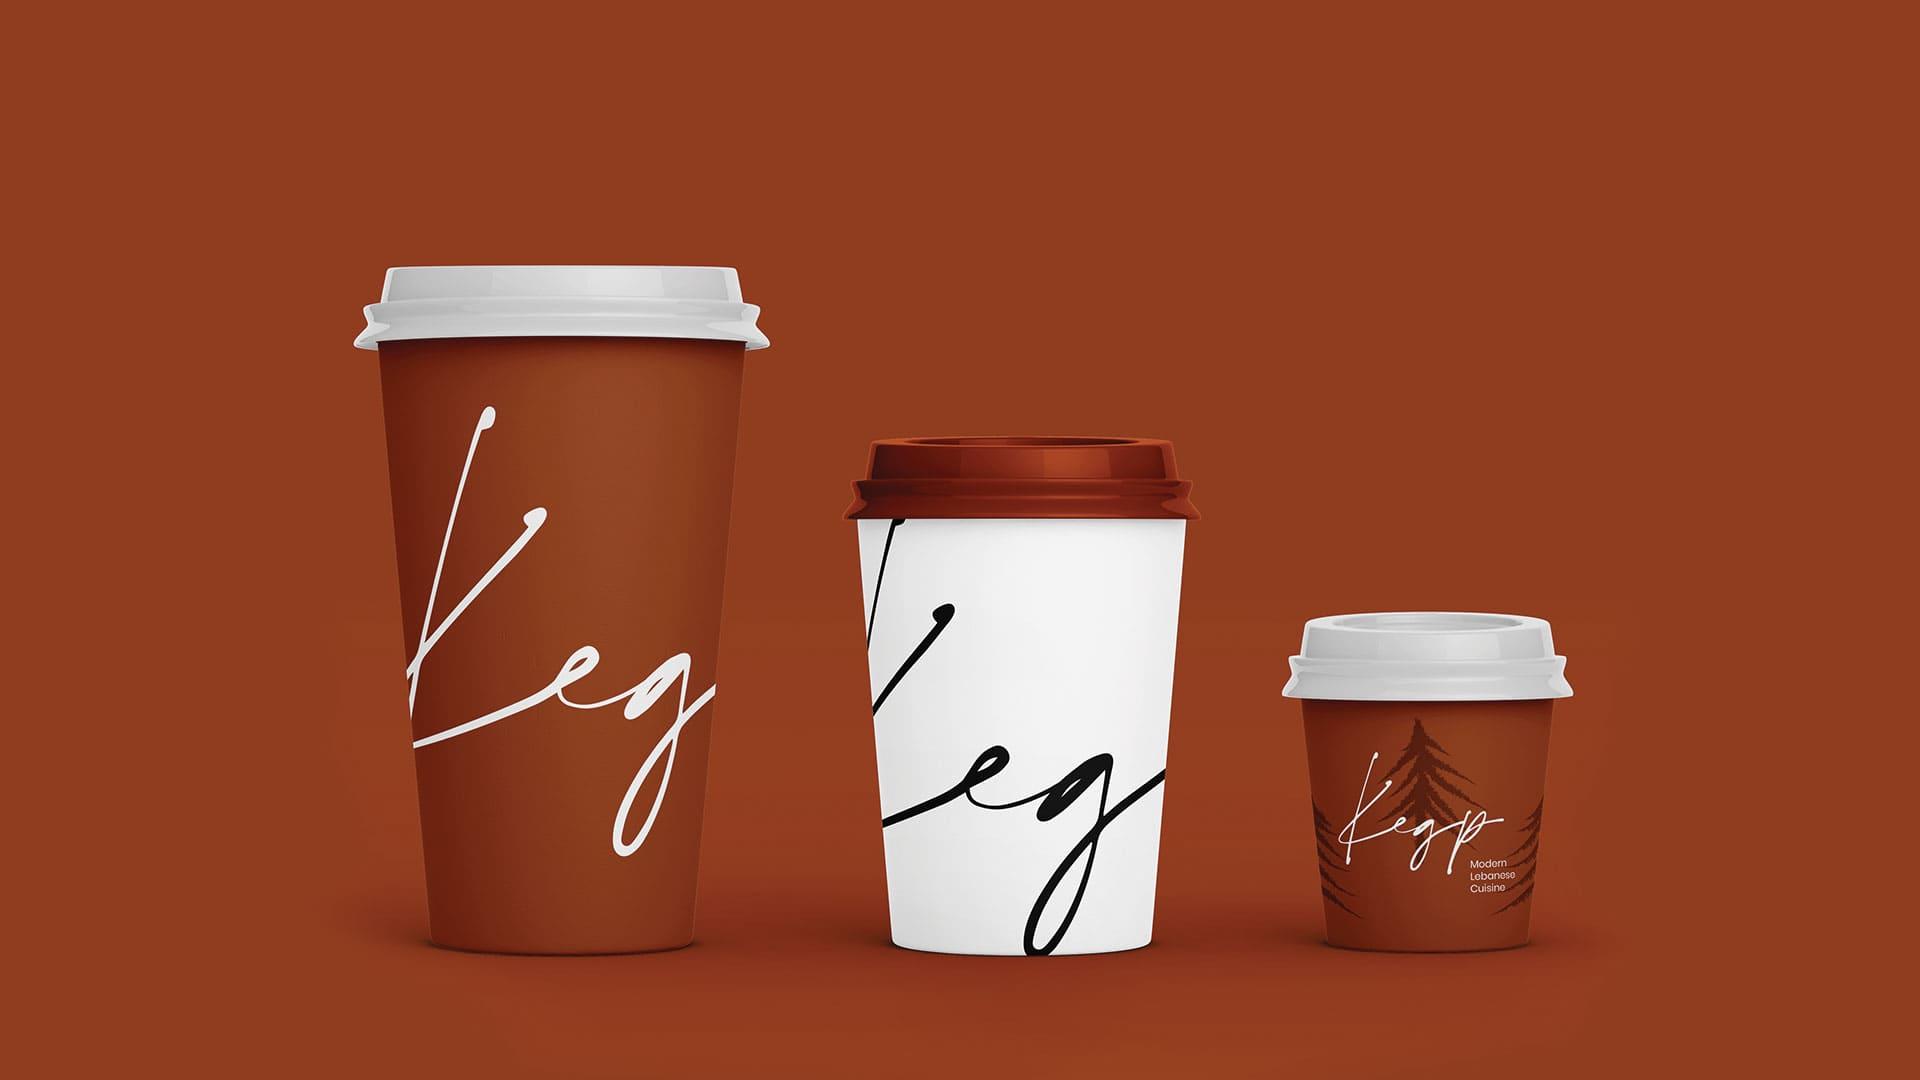 gra brand design kedr 9